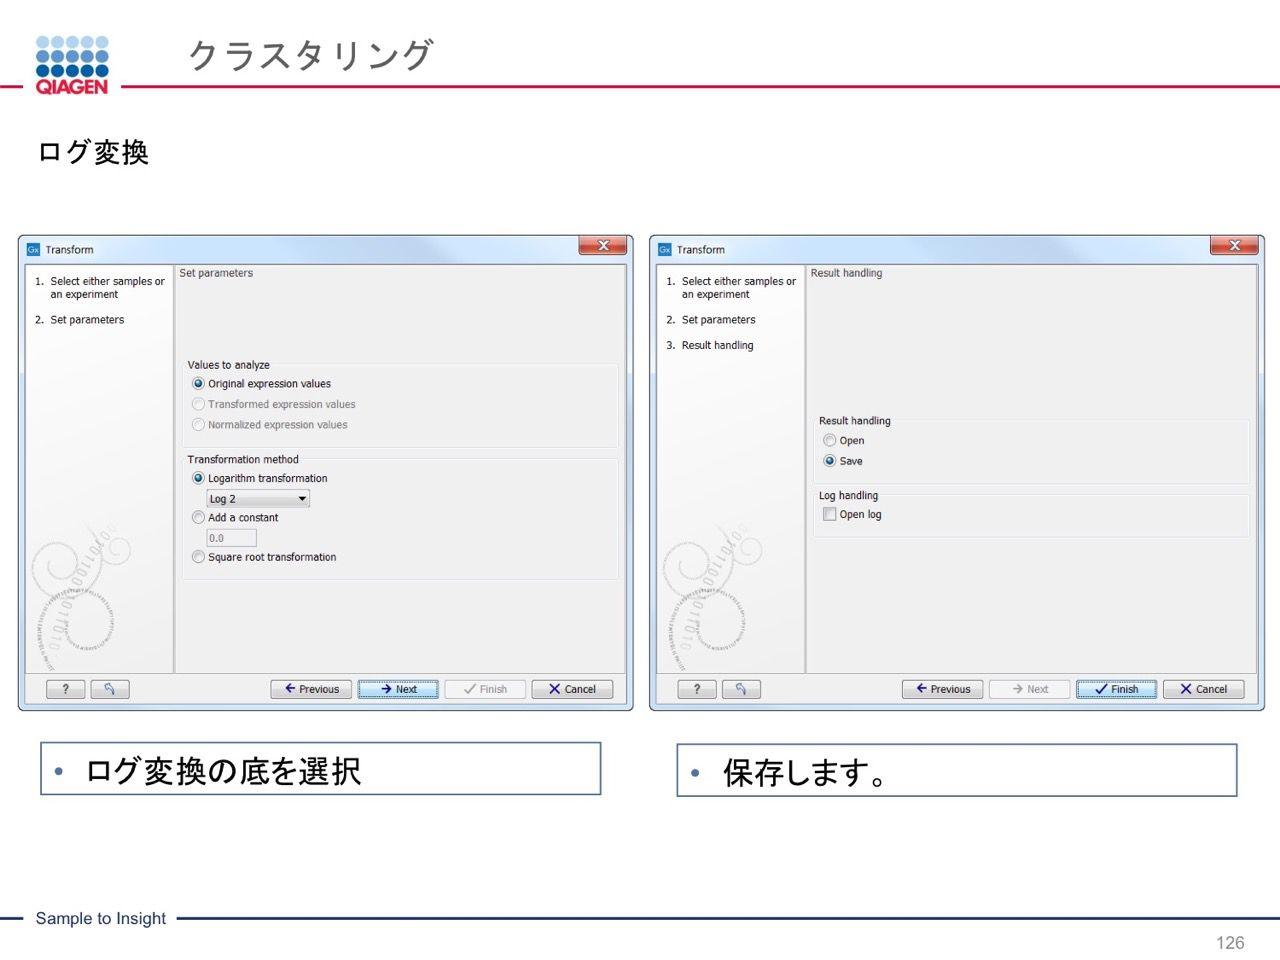 images/AJACSa2_miyamoto_126.jpg